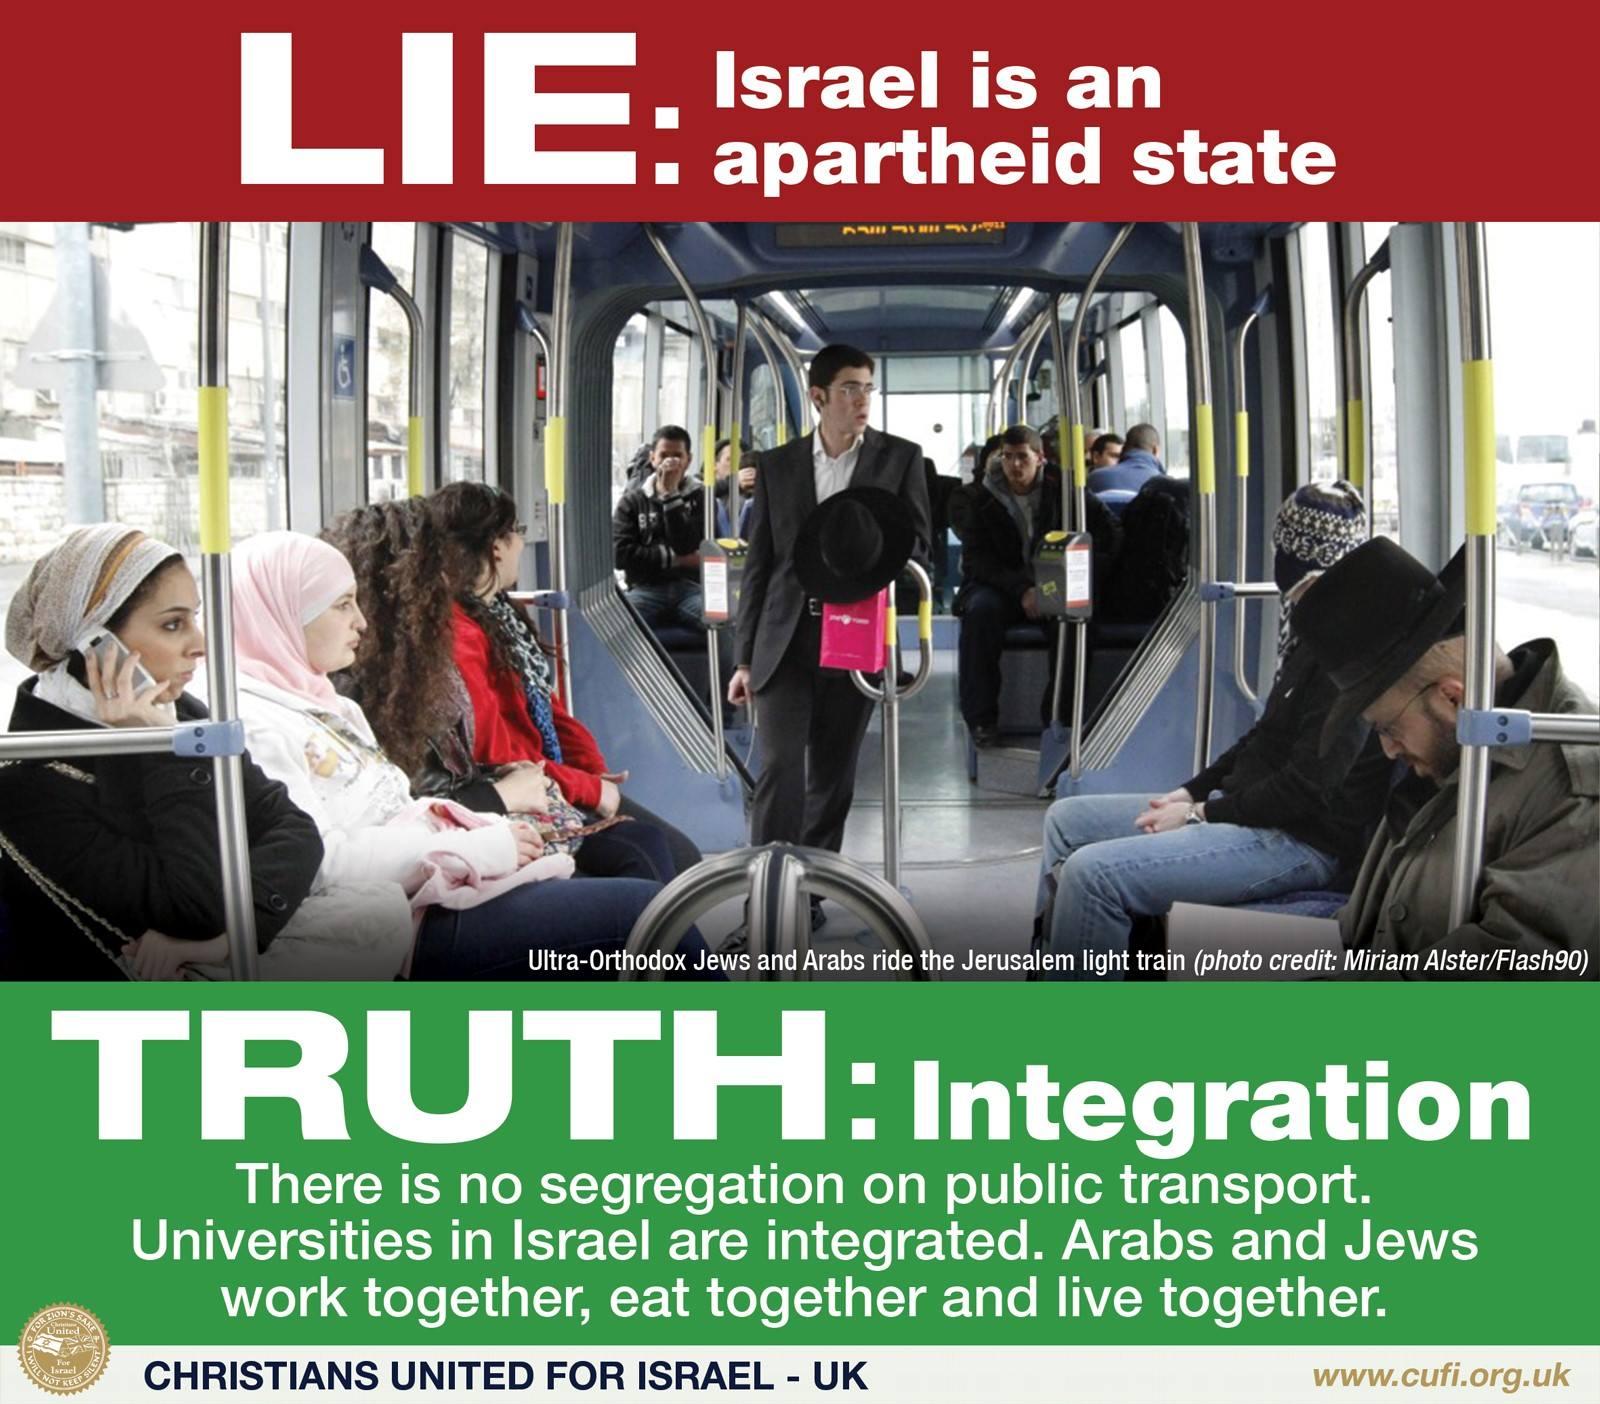 Israel is not apartheid 3